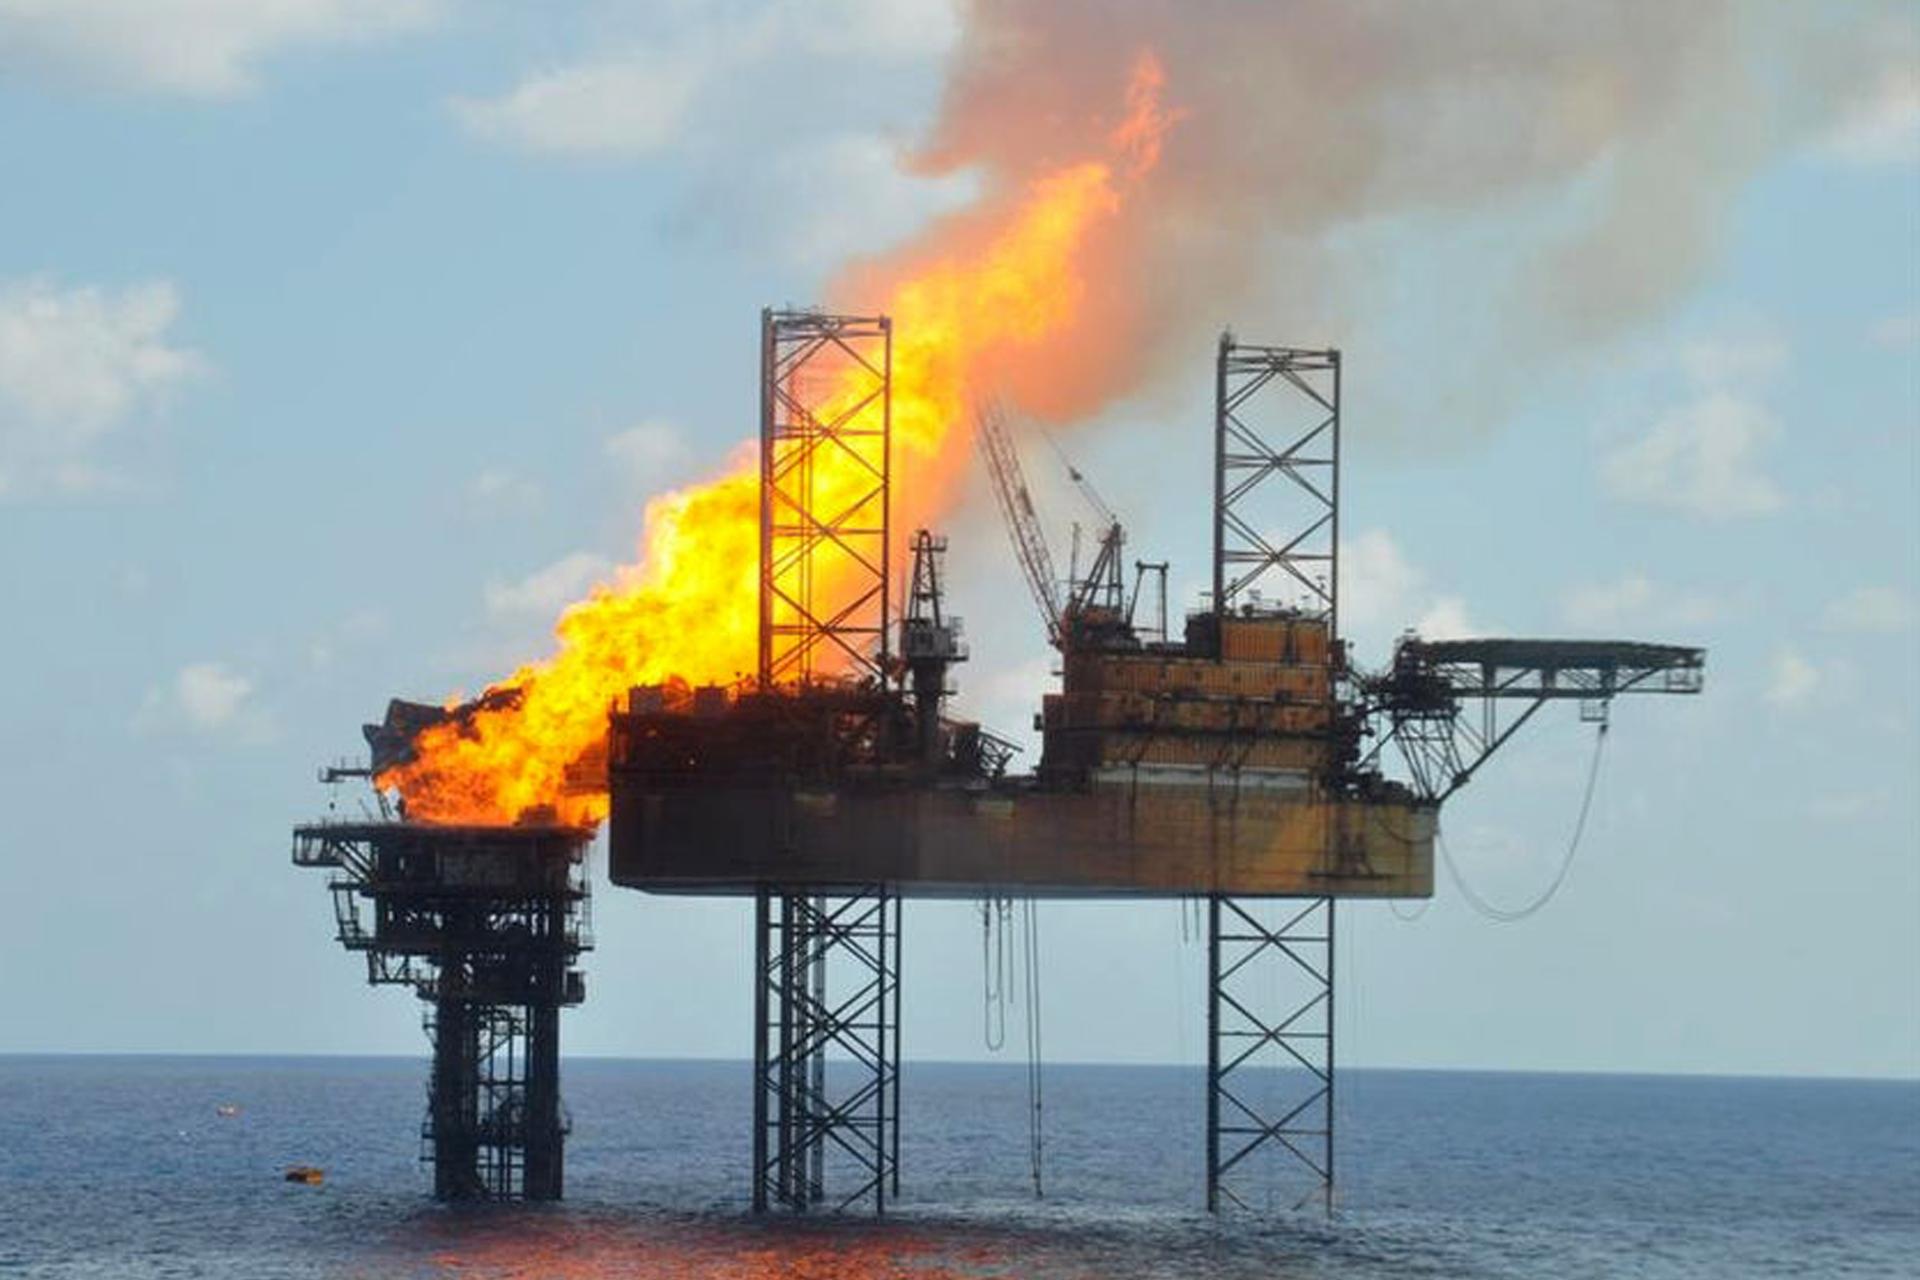 Zdjęcie przedstawia pożar na platformie ropy naftowej na morzu